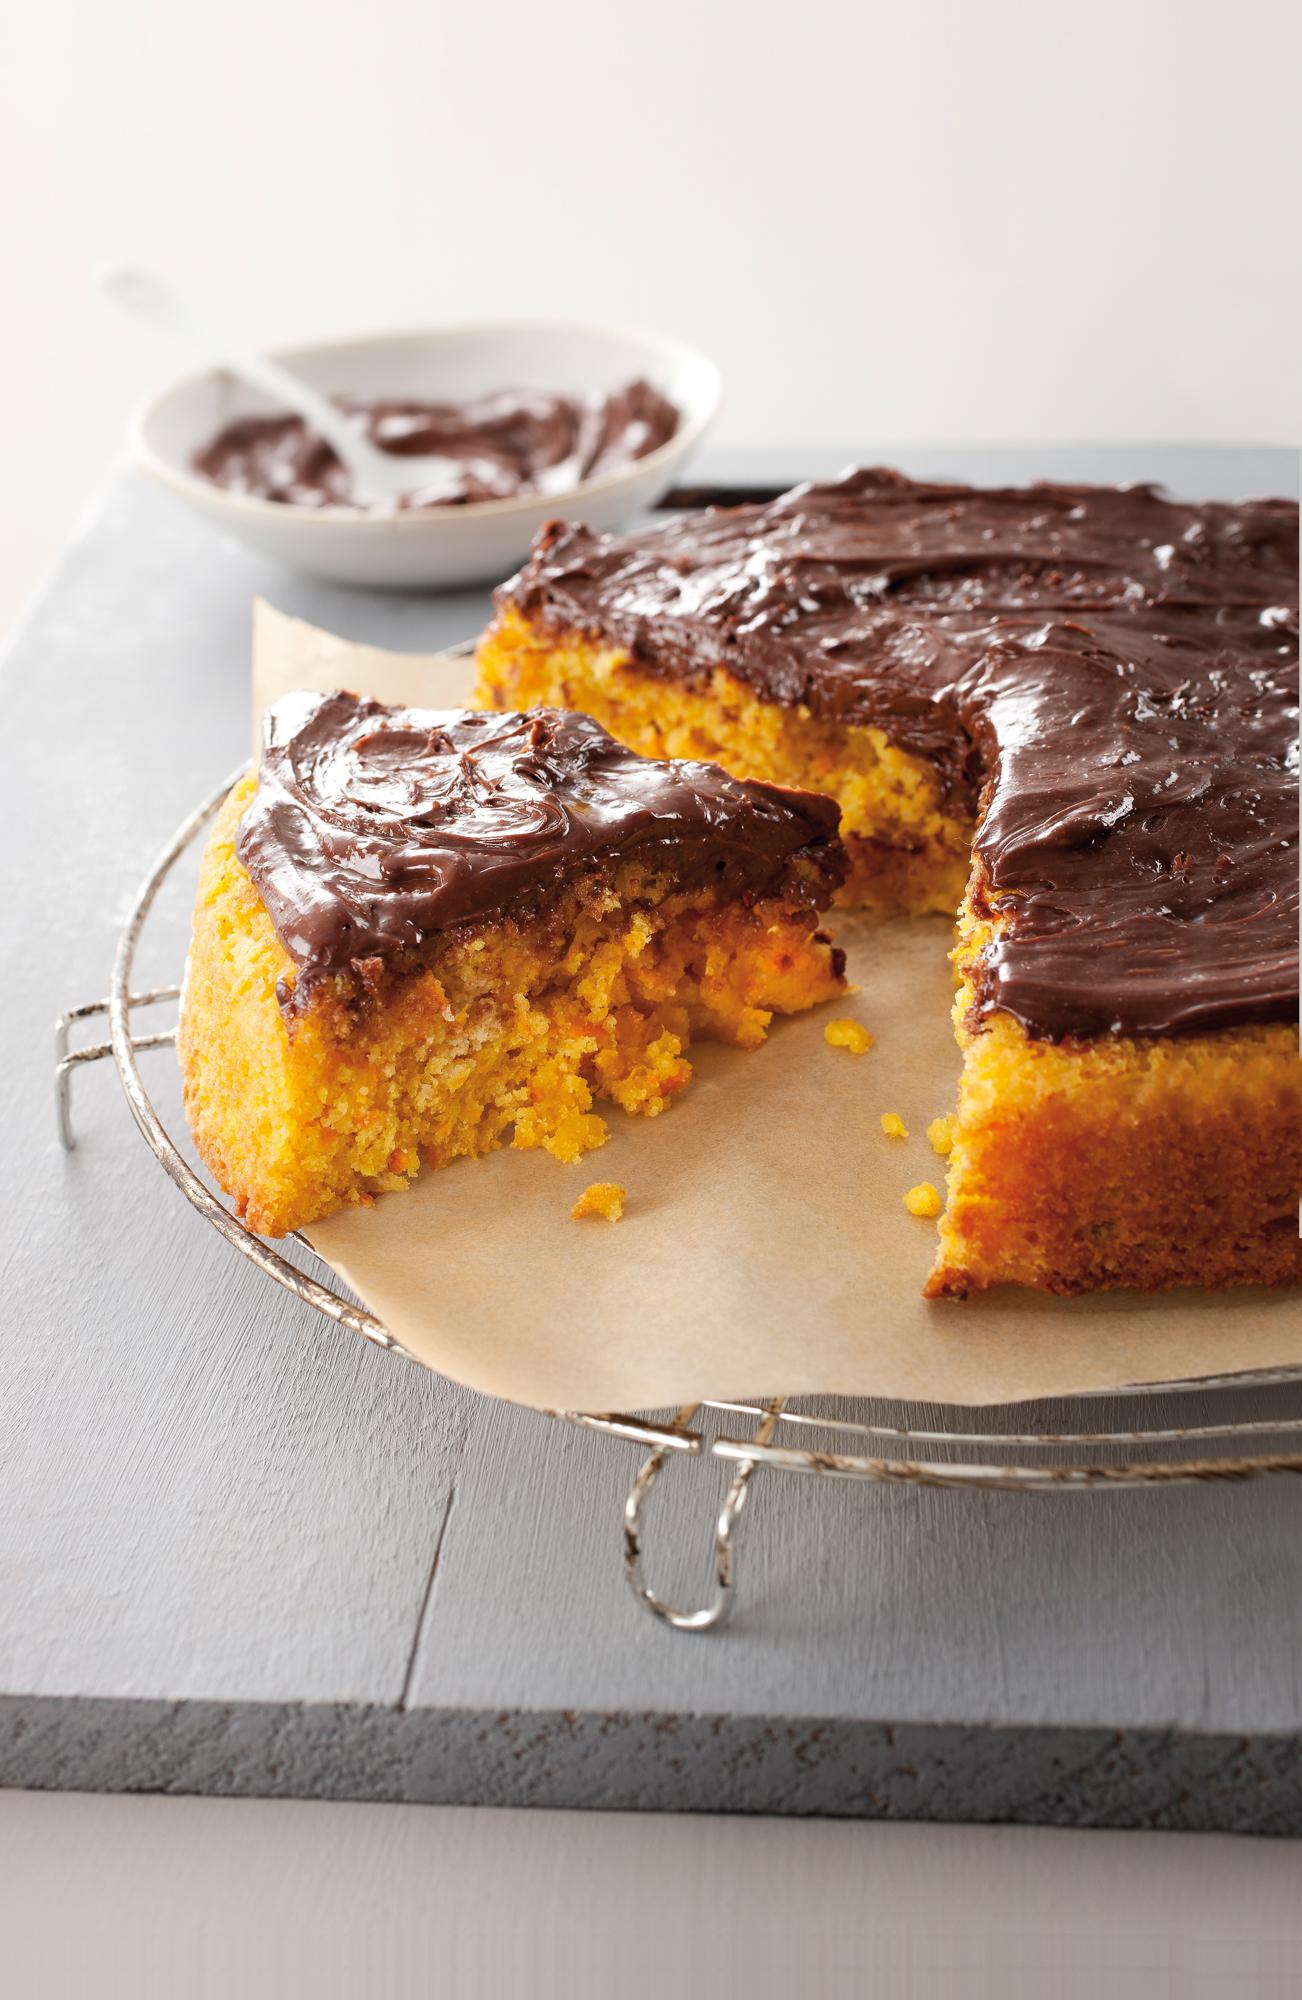 Gâteau à la clémentine, ganache au chocolat